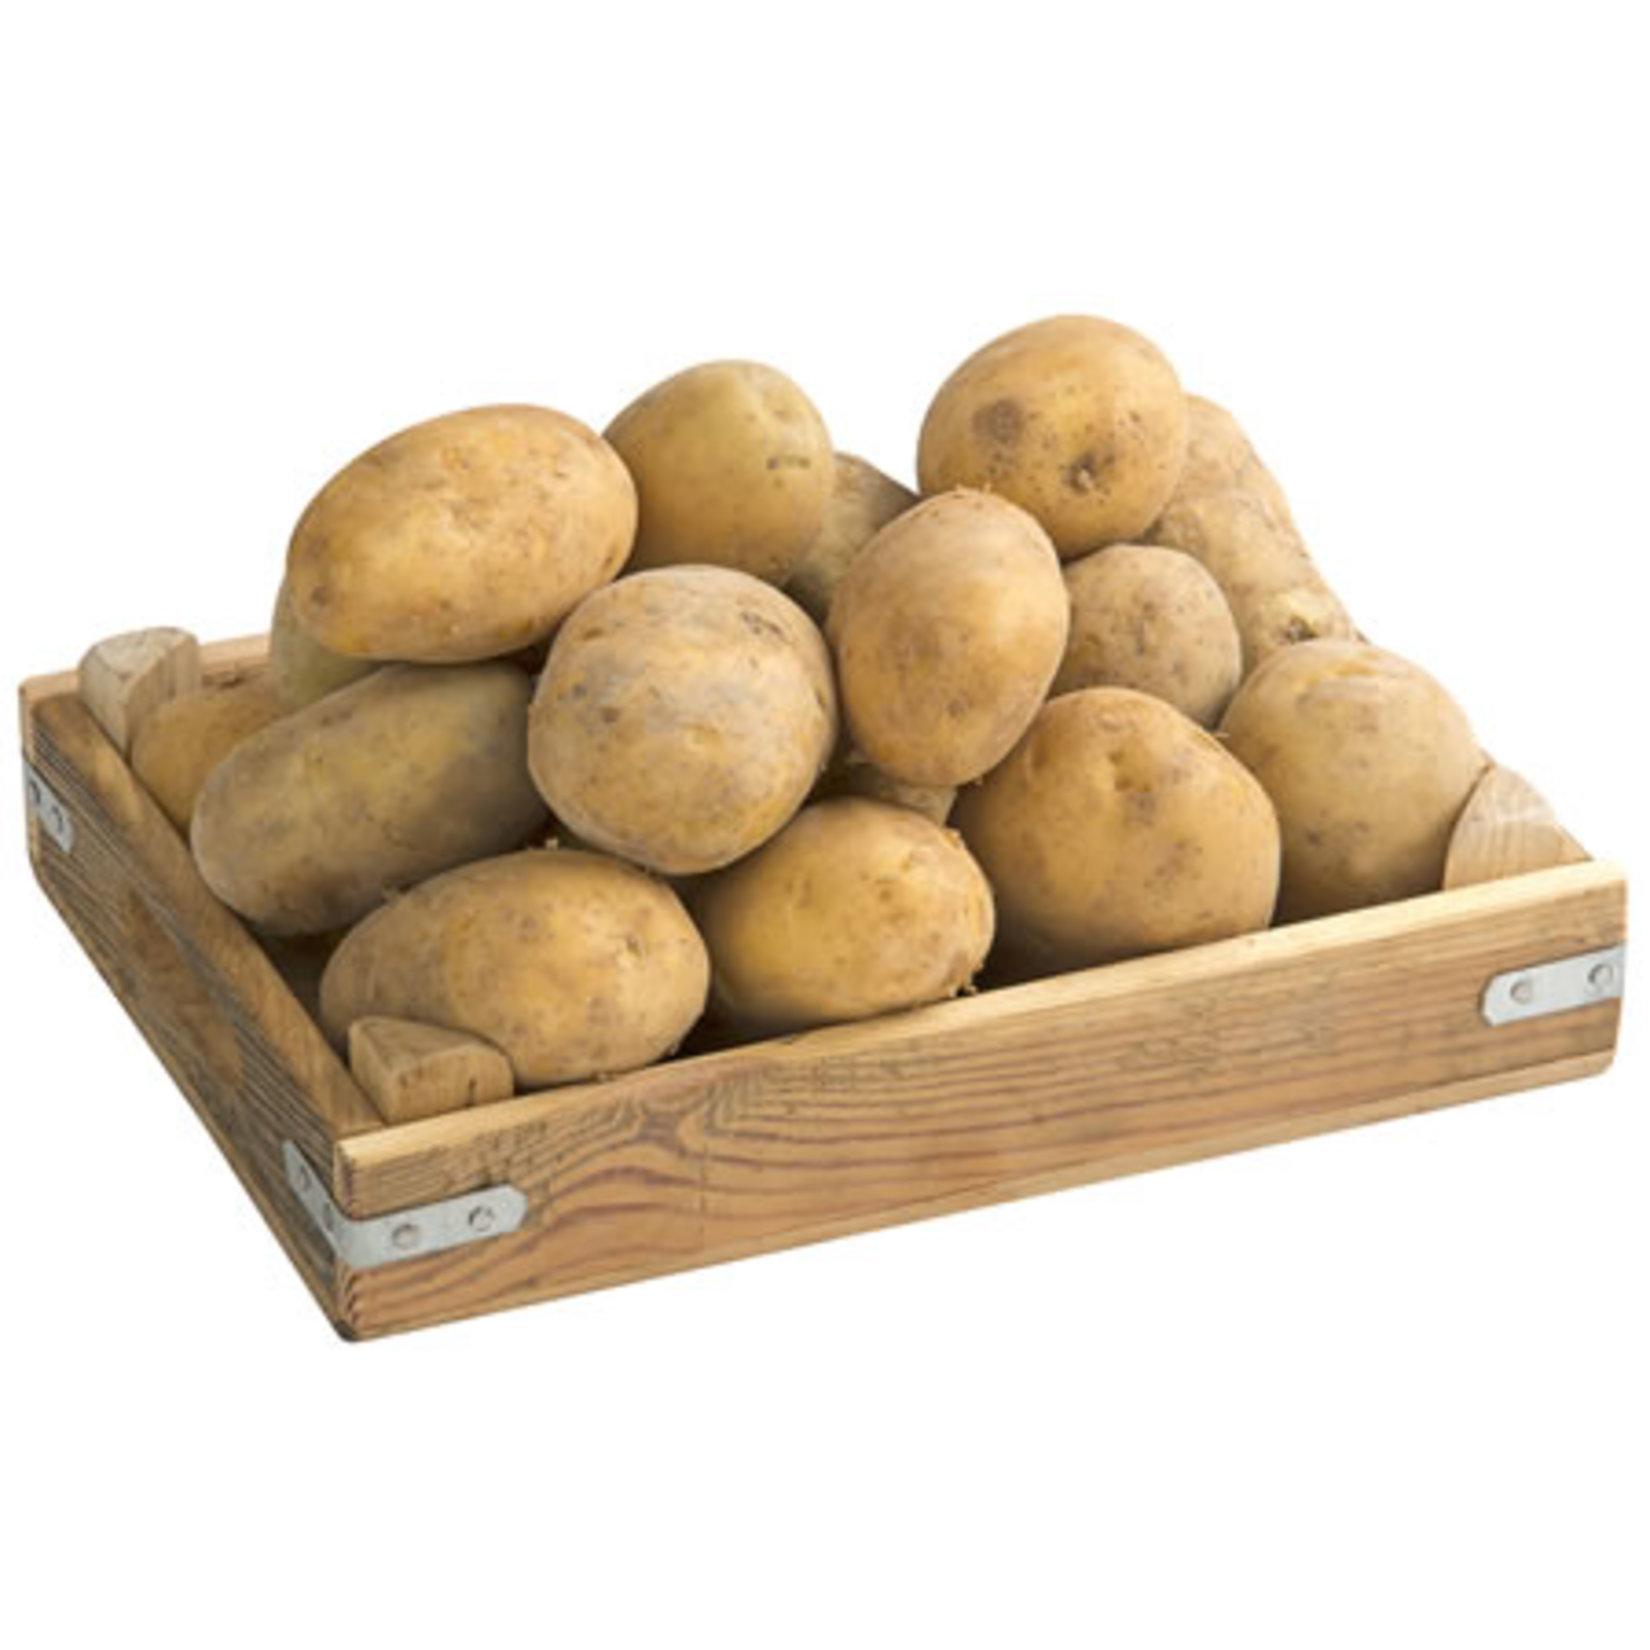 Patates tarlada kaldı…